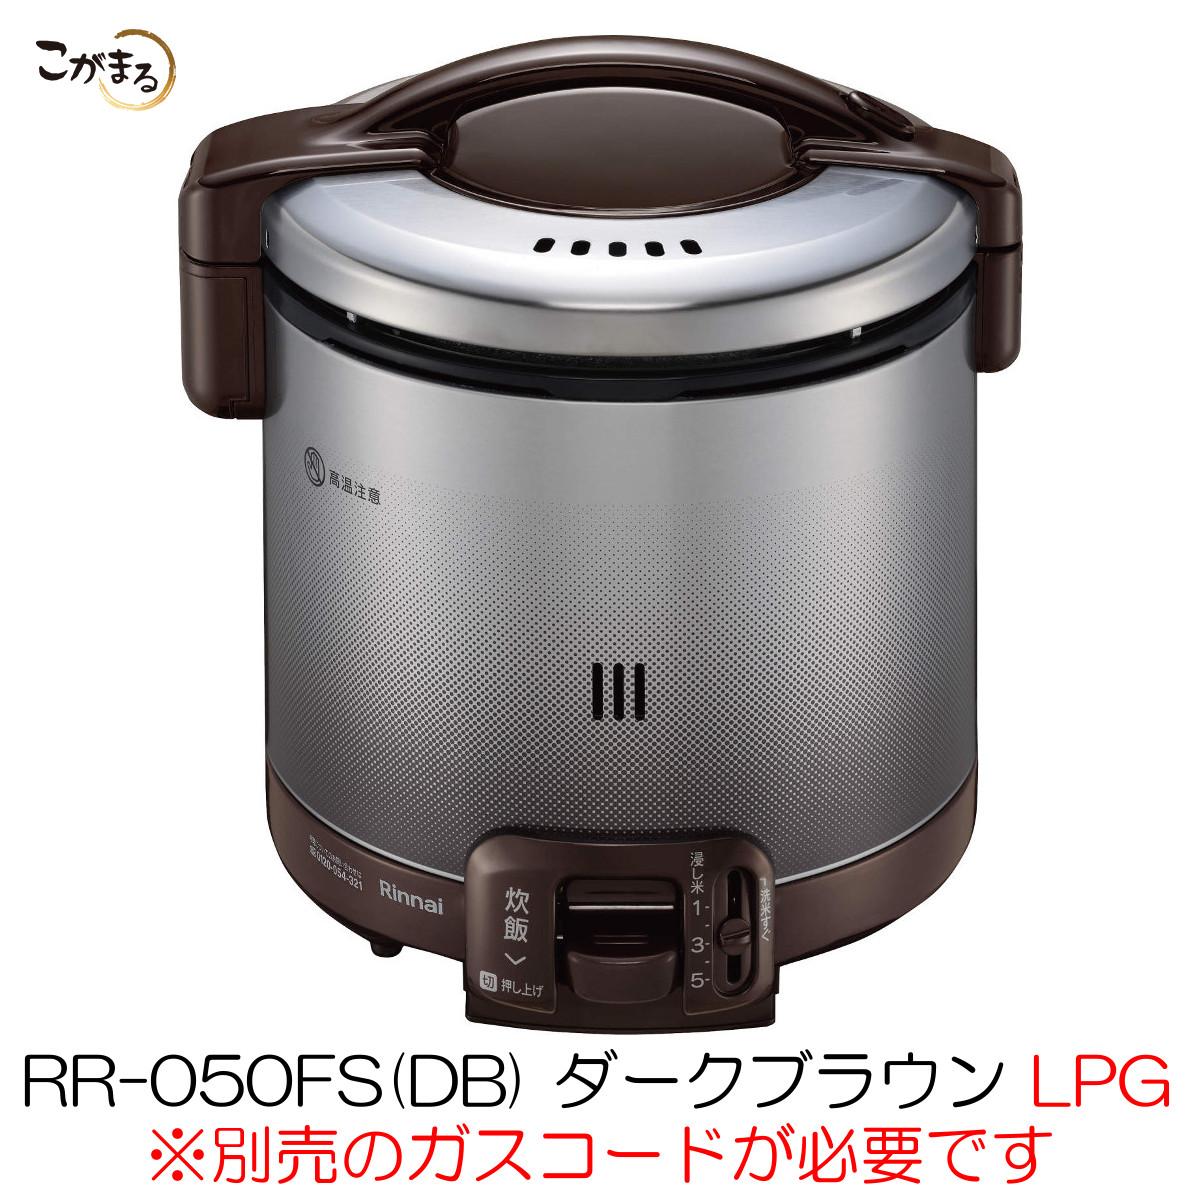 リンナイ(Rinnai) ガス炊飯器 こがまる RR-050FS(DB) ダークブラウン ガス種:LPG【ガスコード別売】